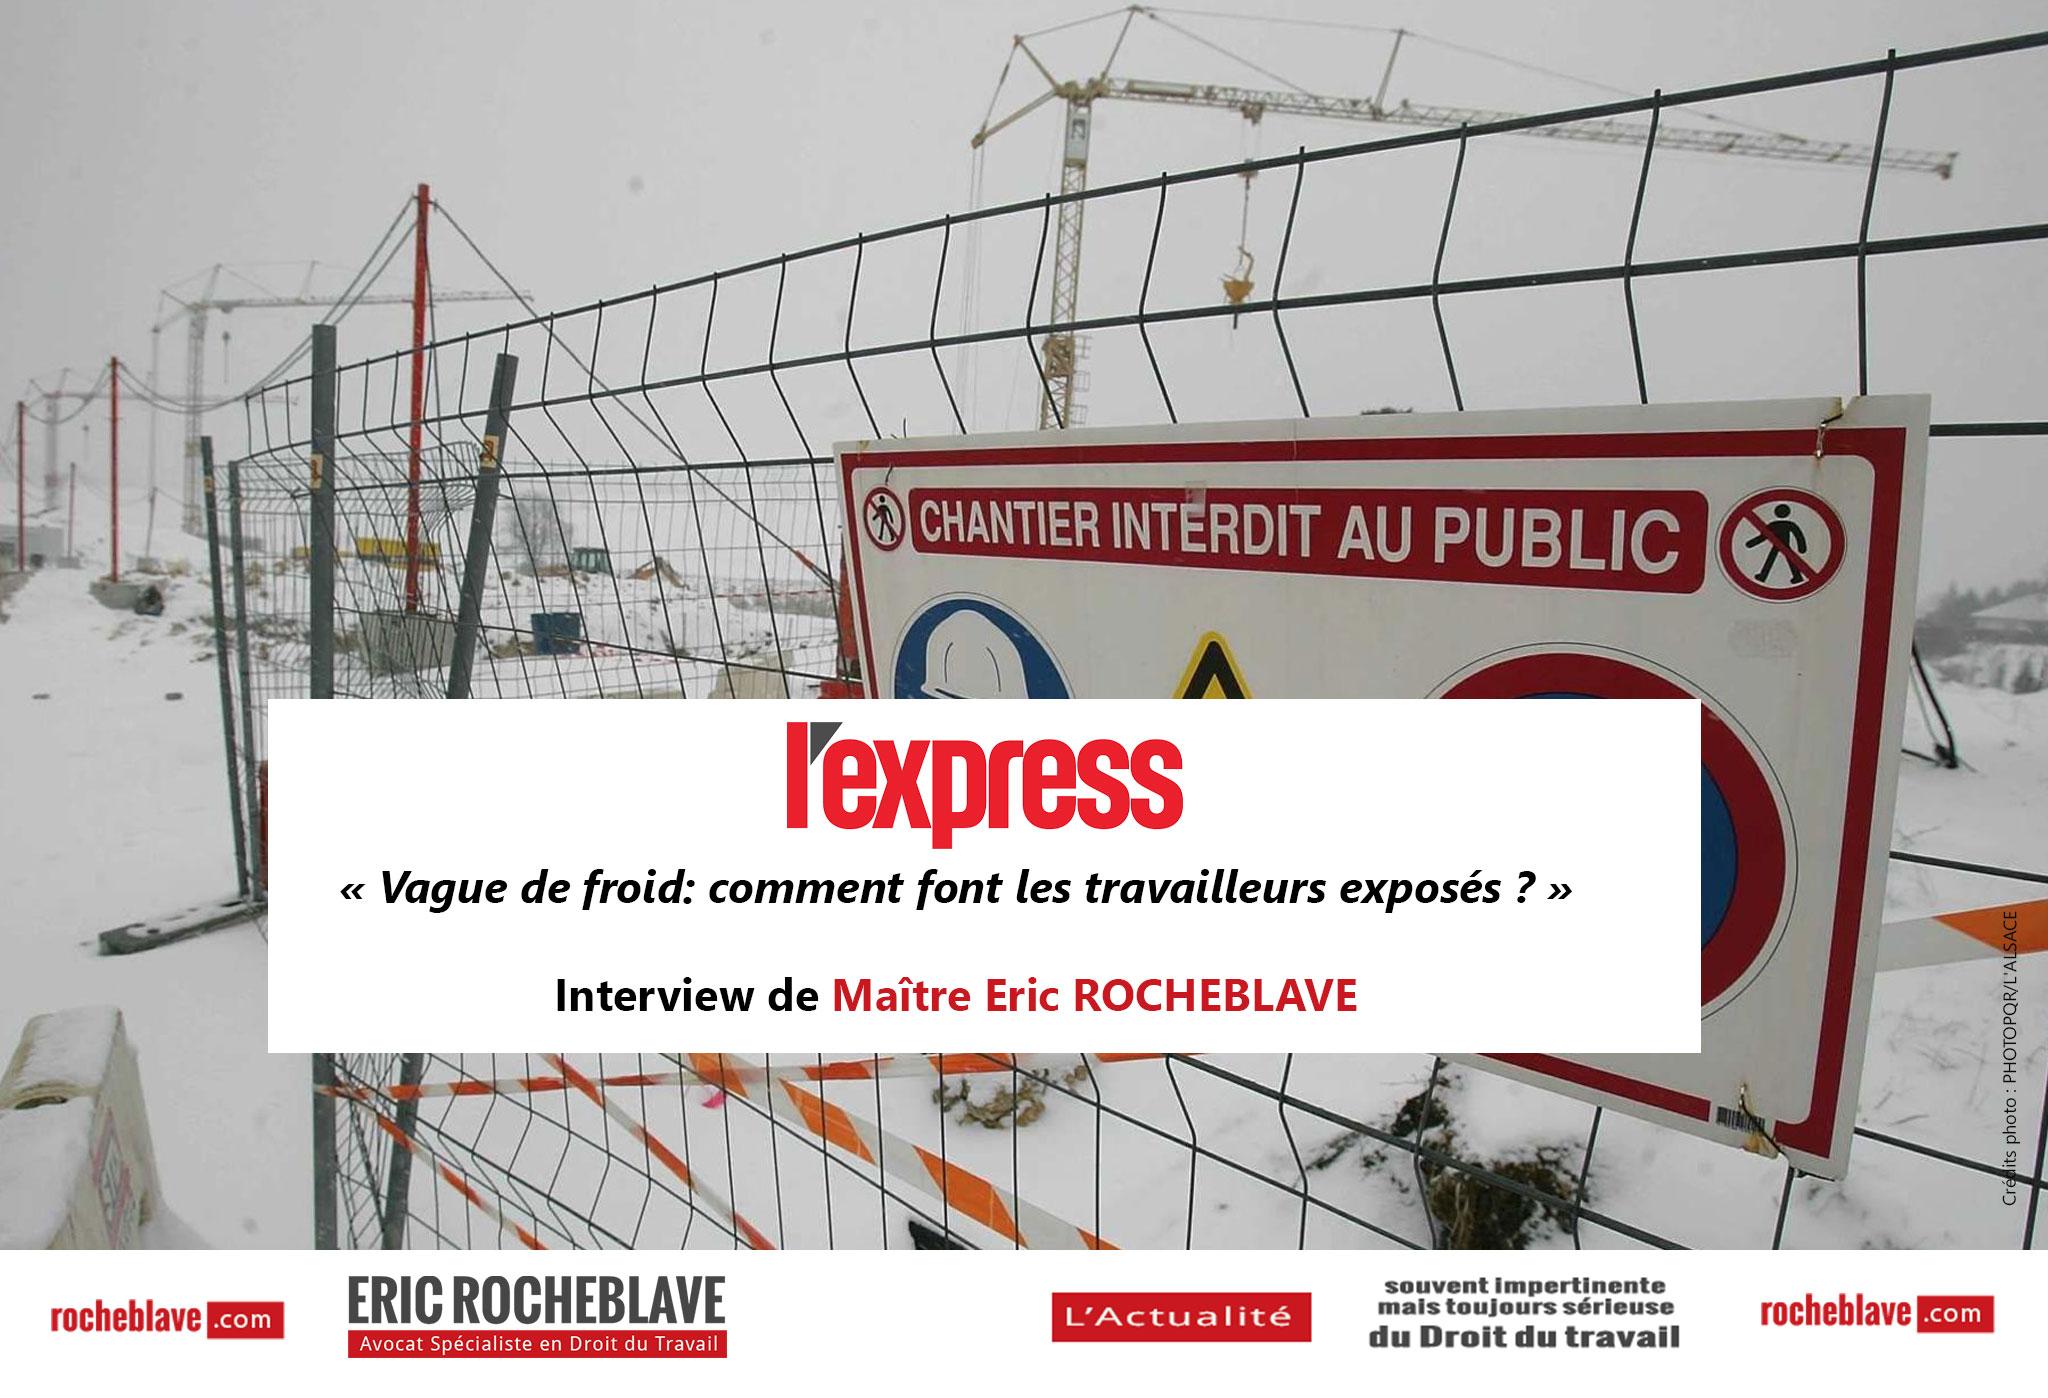 « Vague de froid: comment font les travailleurs exposés ? » Interview de Maître Eric ROCHEBLAVE | L'Express